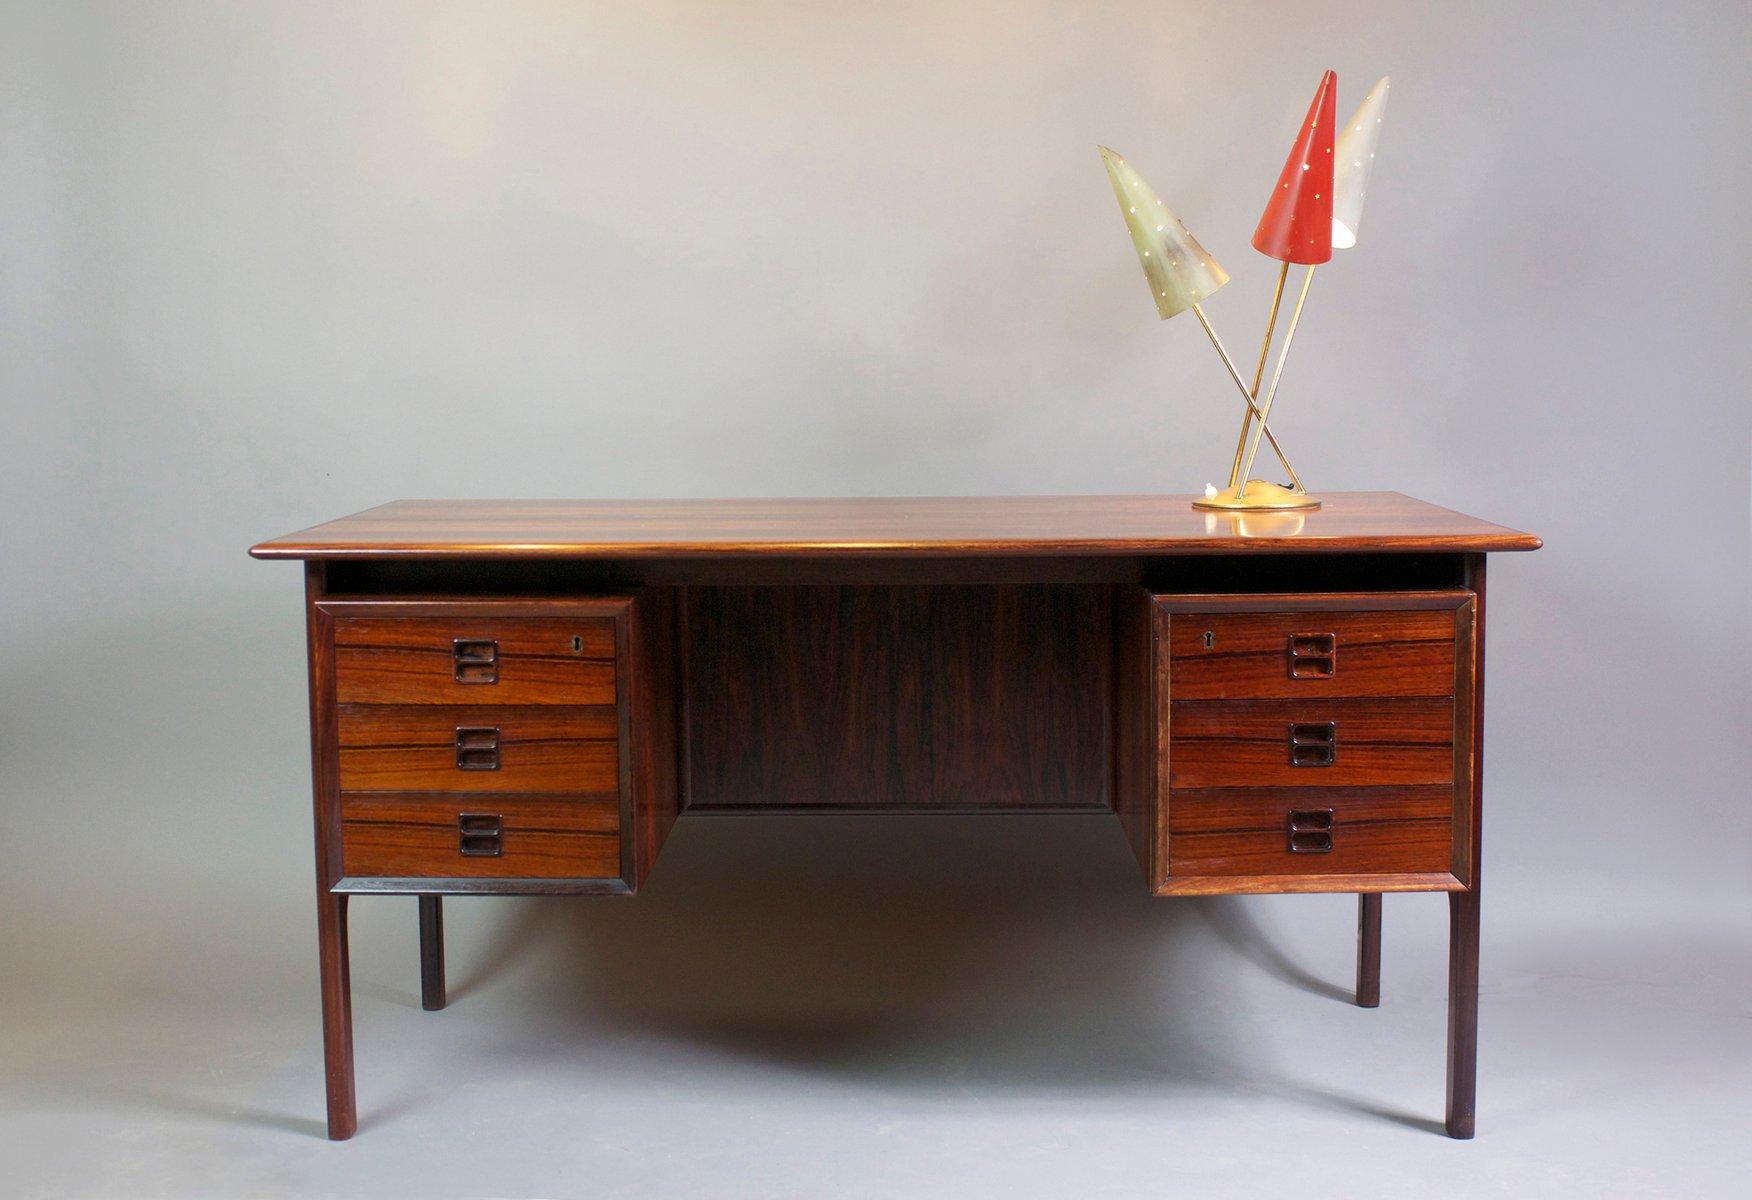 schreibtisch mit zwei unters tzen von brouer m belfabrik 1960 bei pamono kaufen. Black Bedroom Furniture Sets. Home Design Ideas